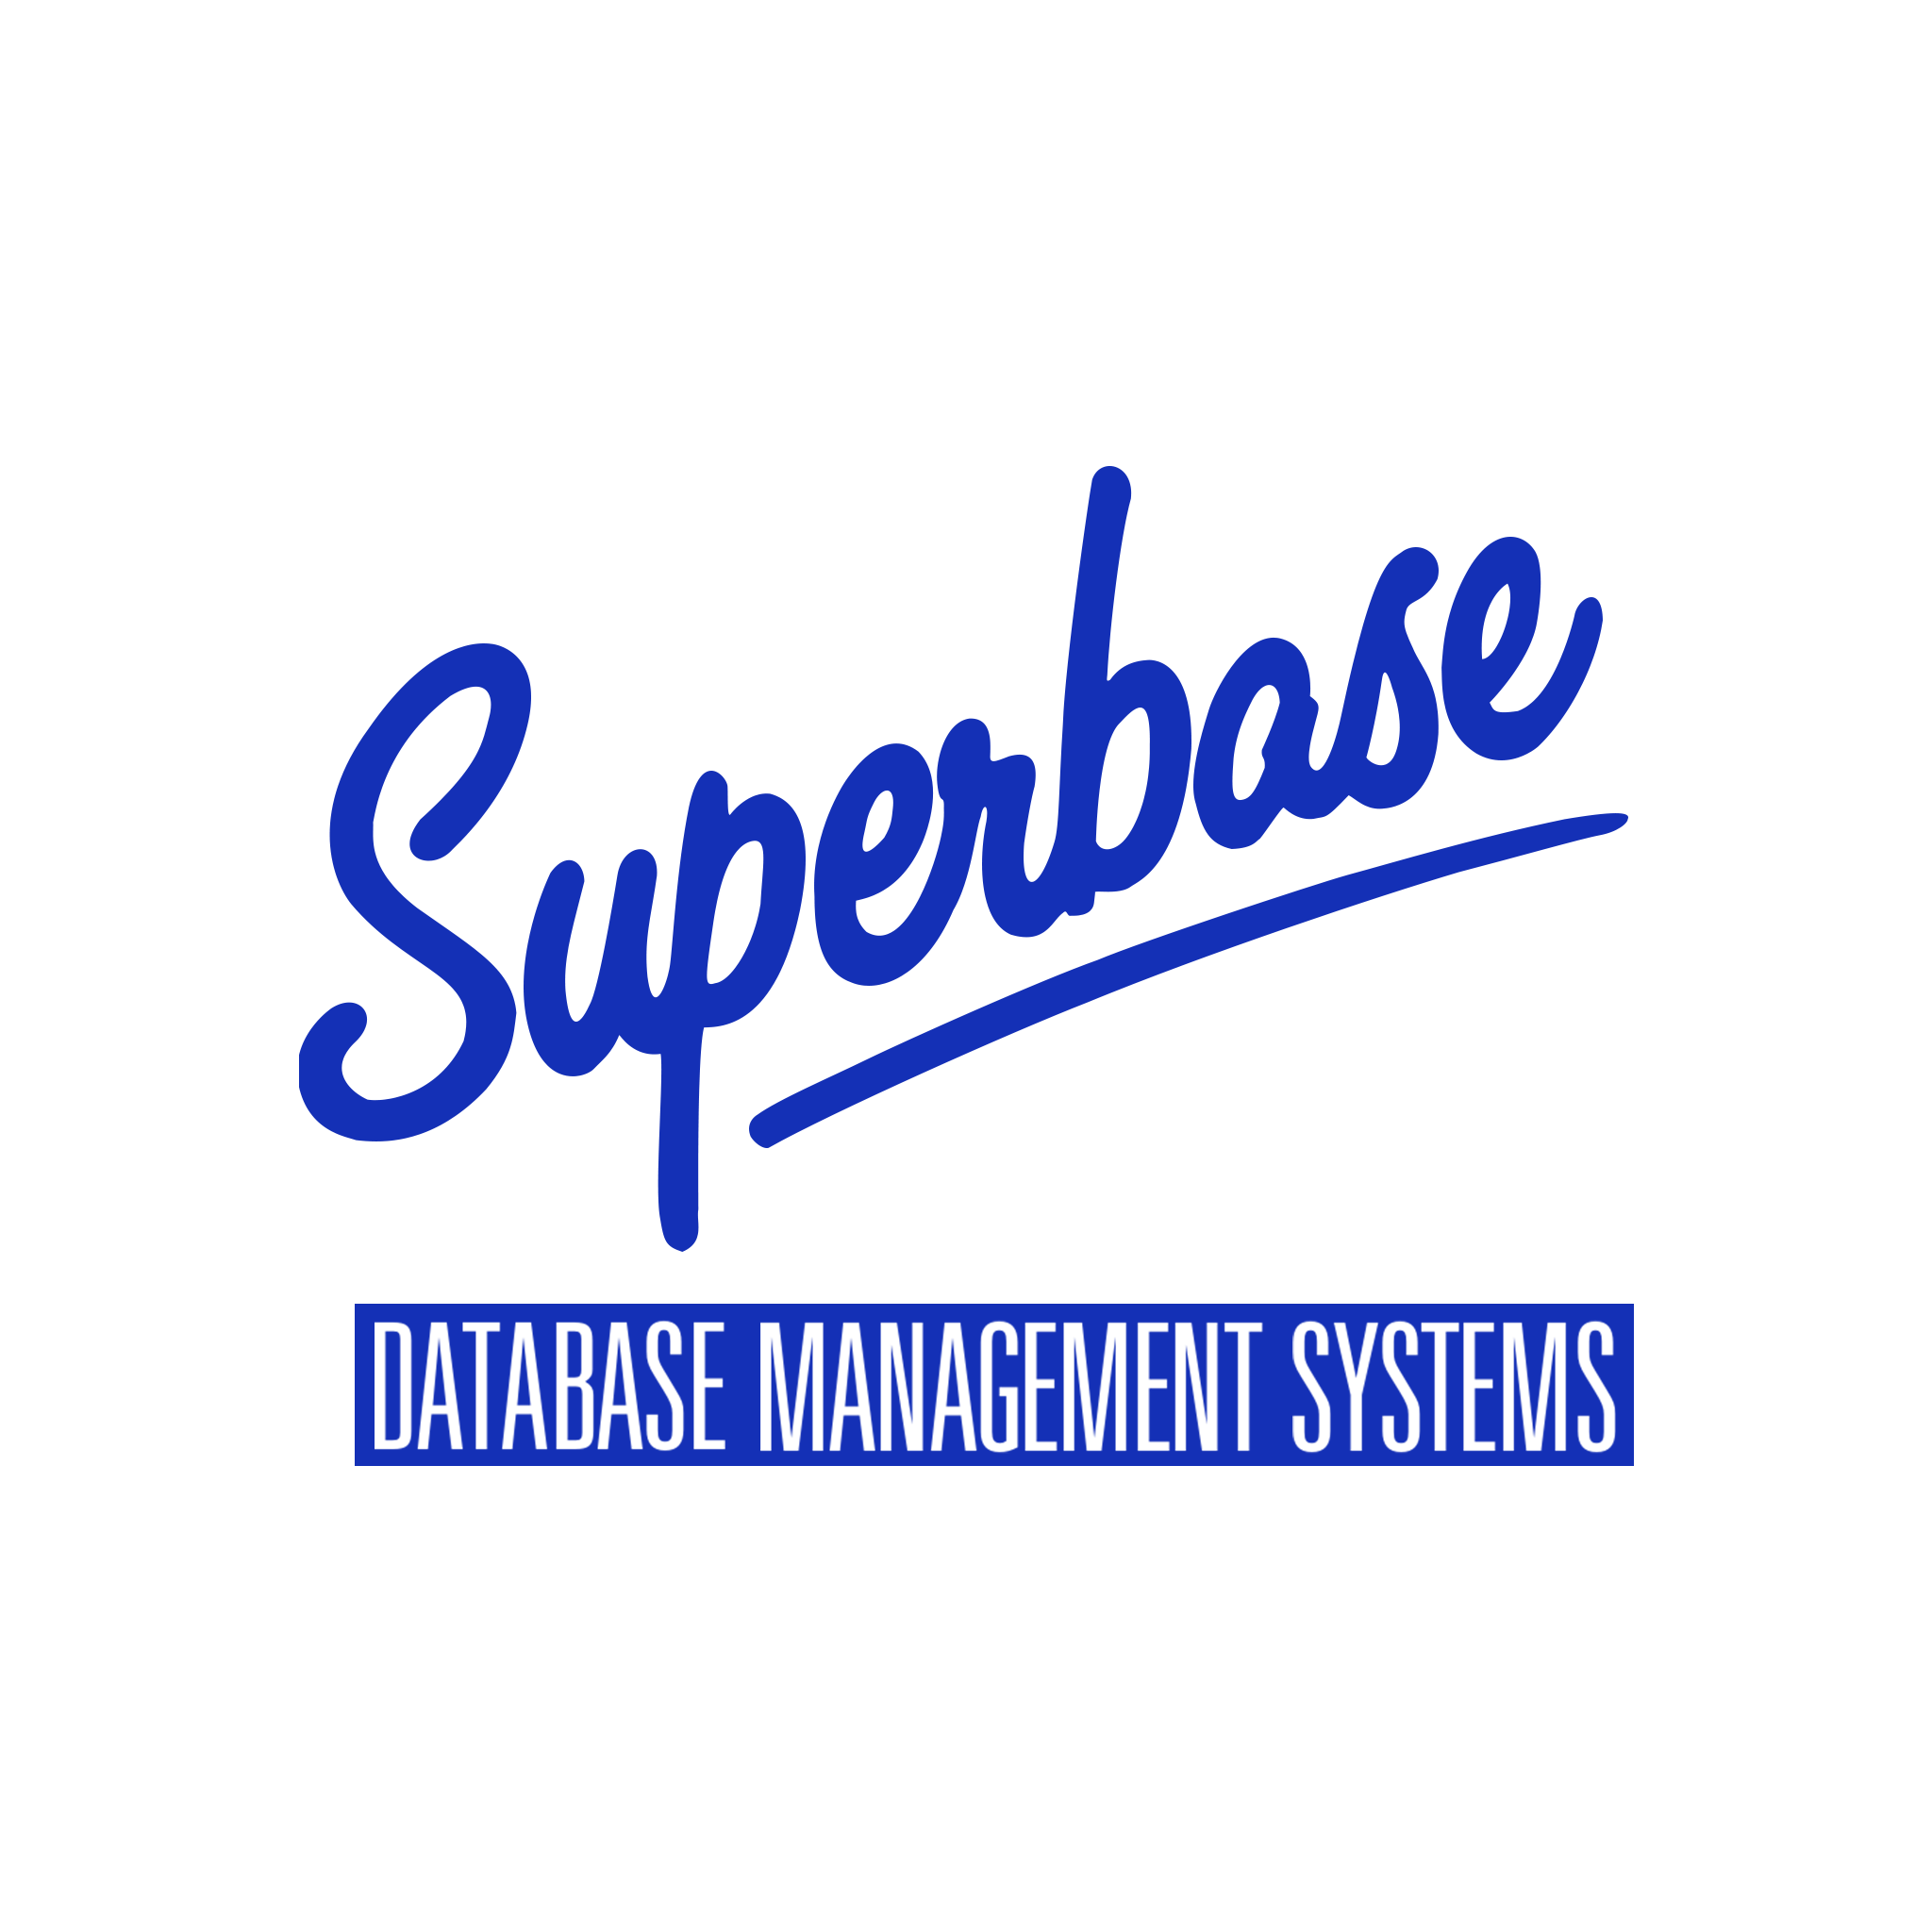 Superbase Software Ltd